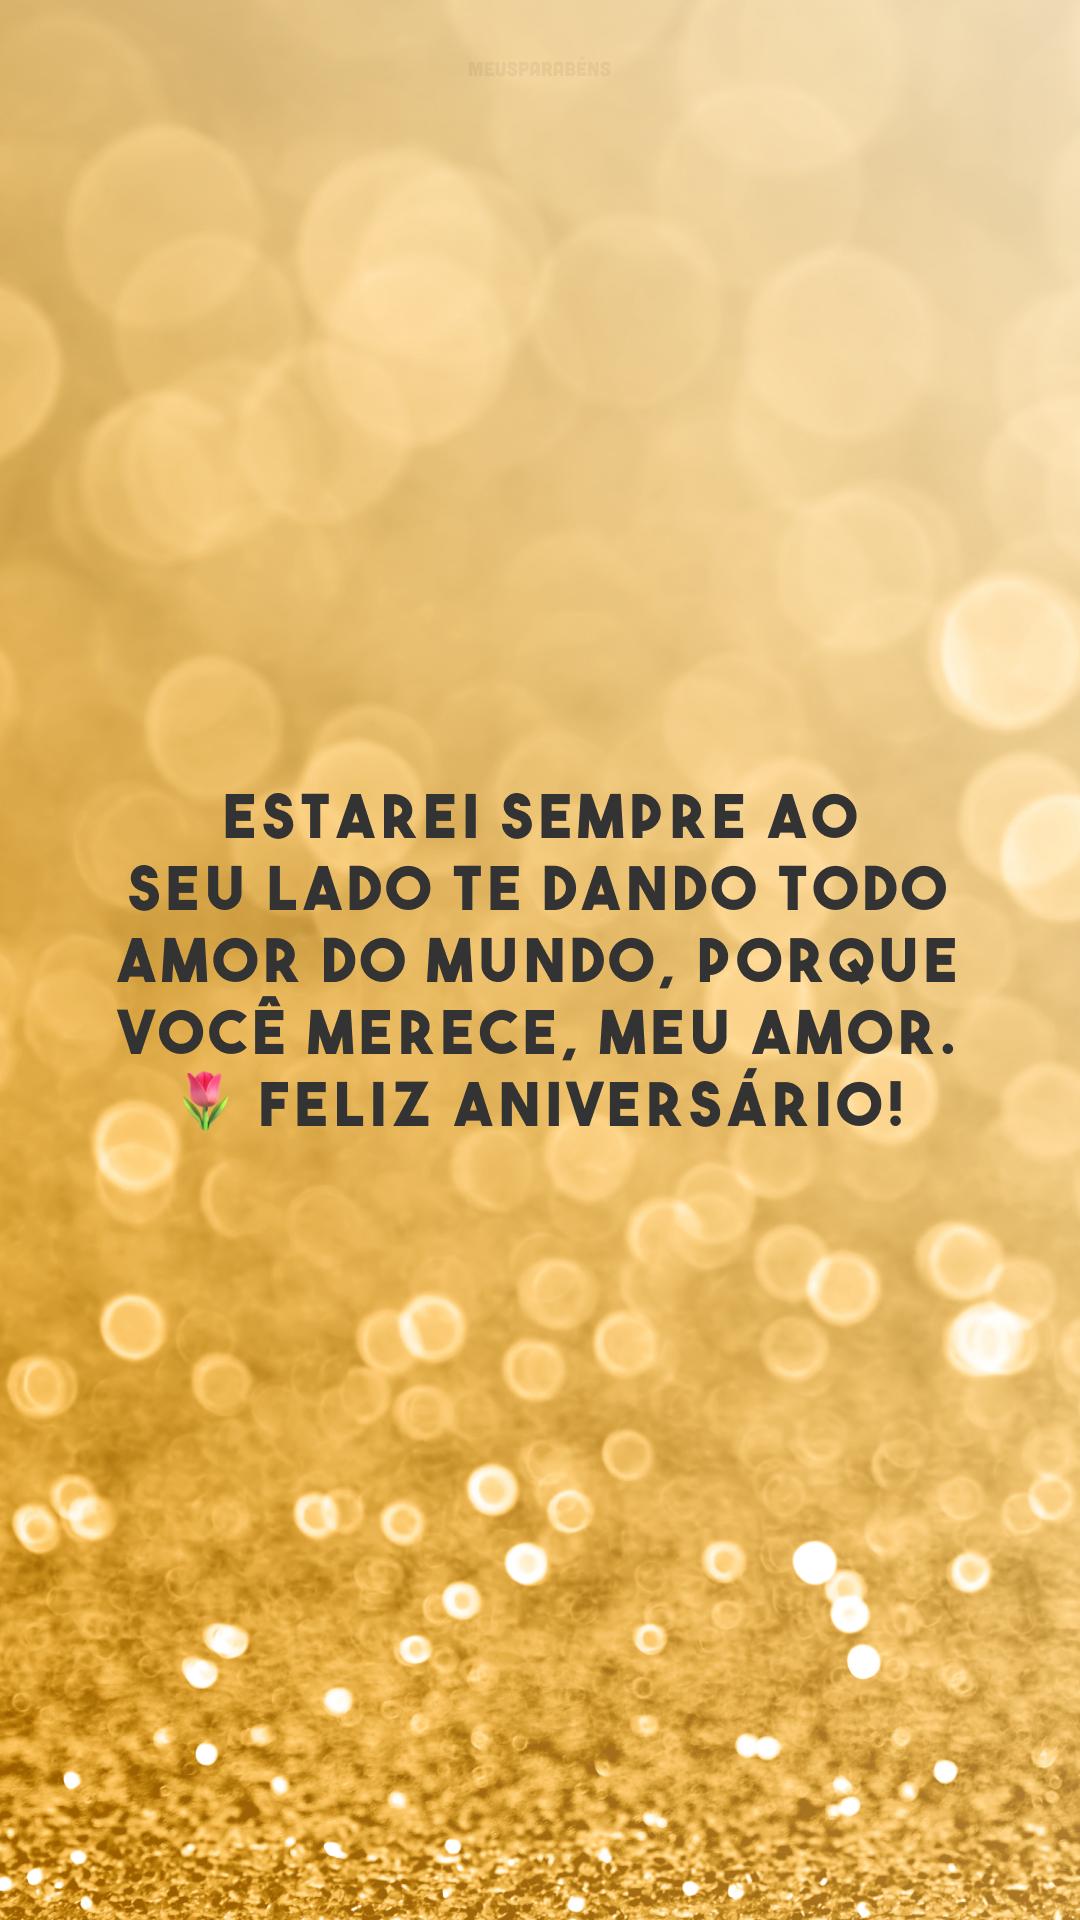 Estarei sempre ao seu lado te dando todo amor do mundo, porque você merece, meu amor. 🌷 Feliz aniversário!